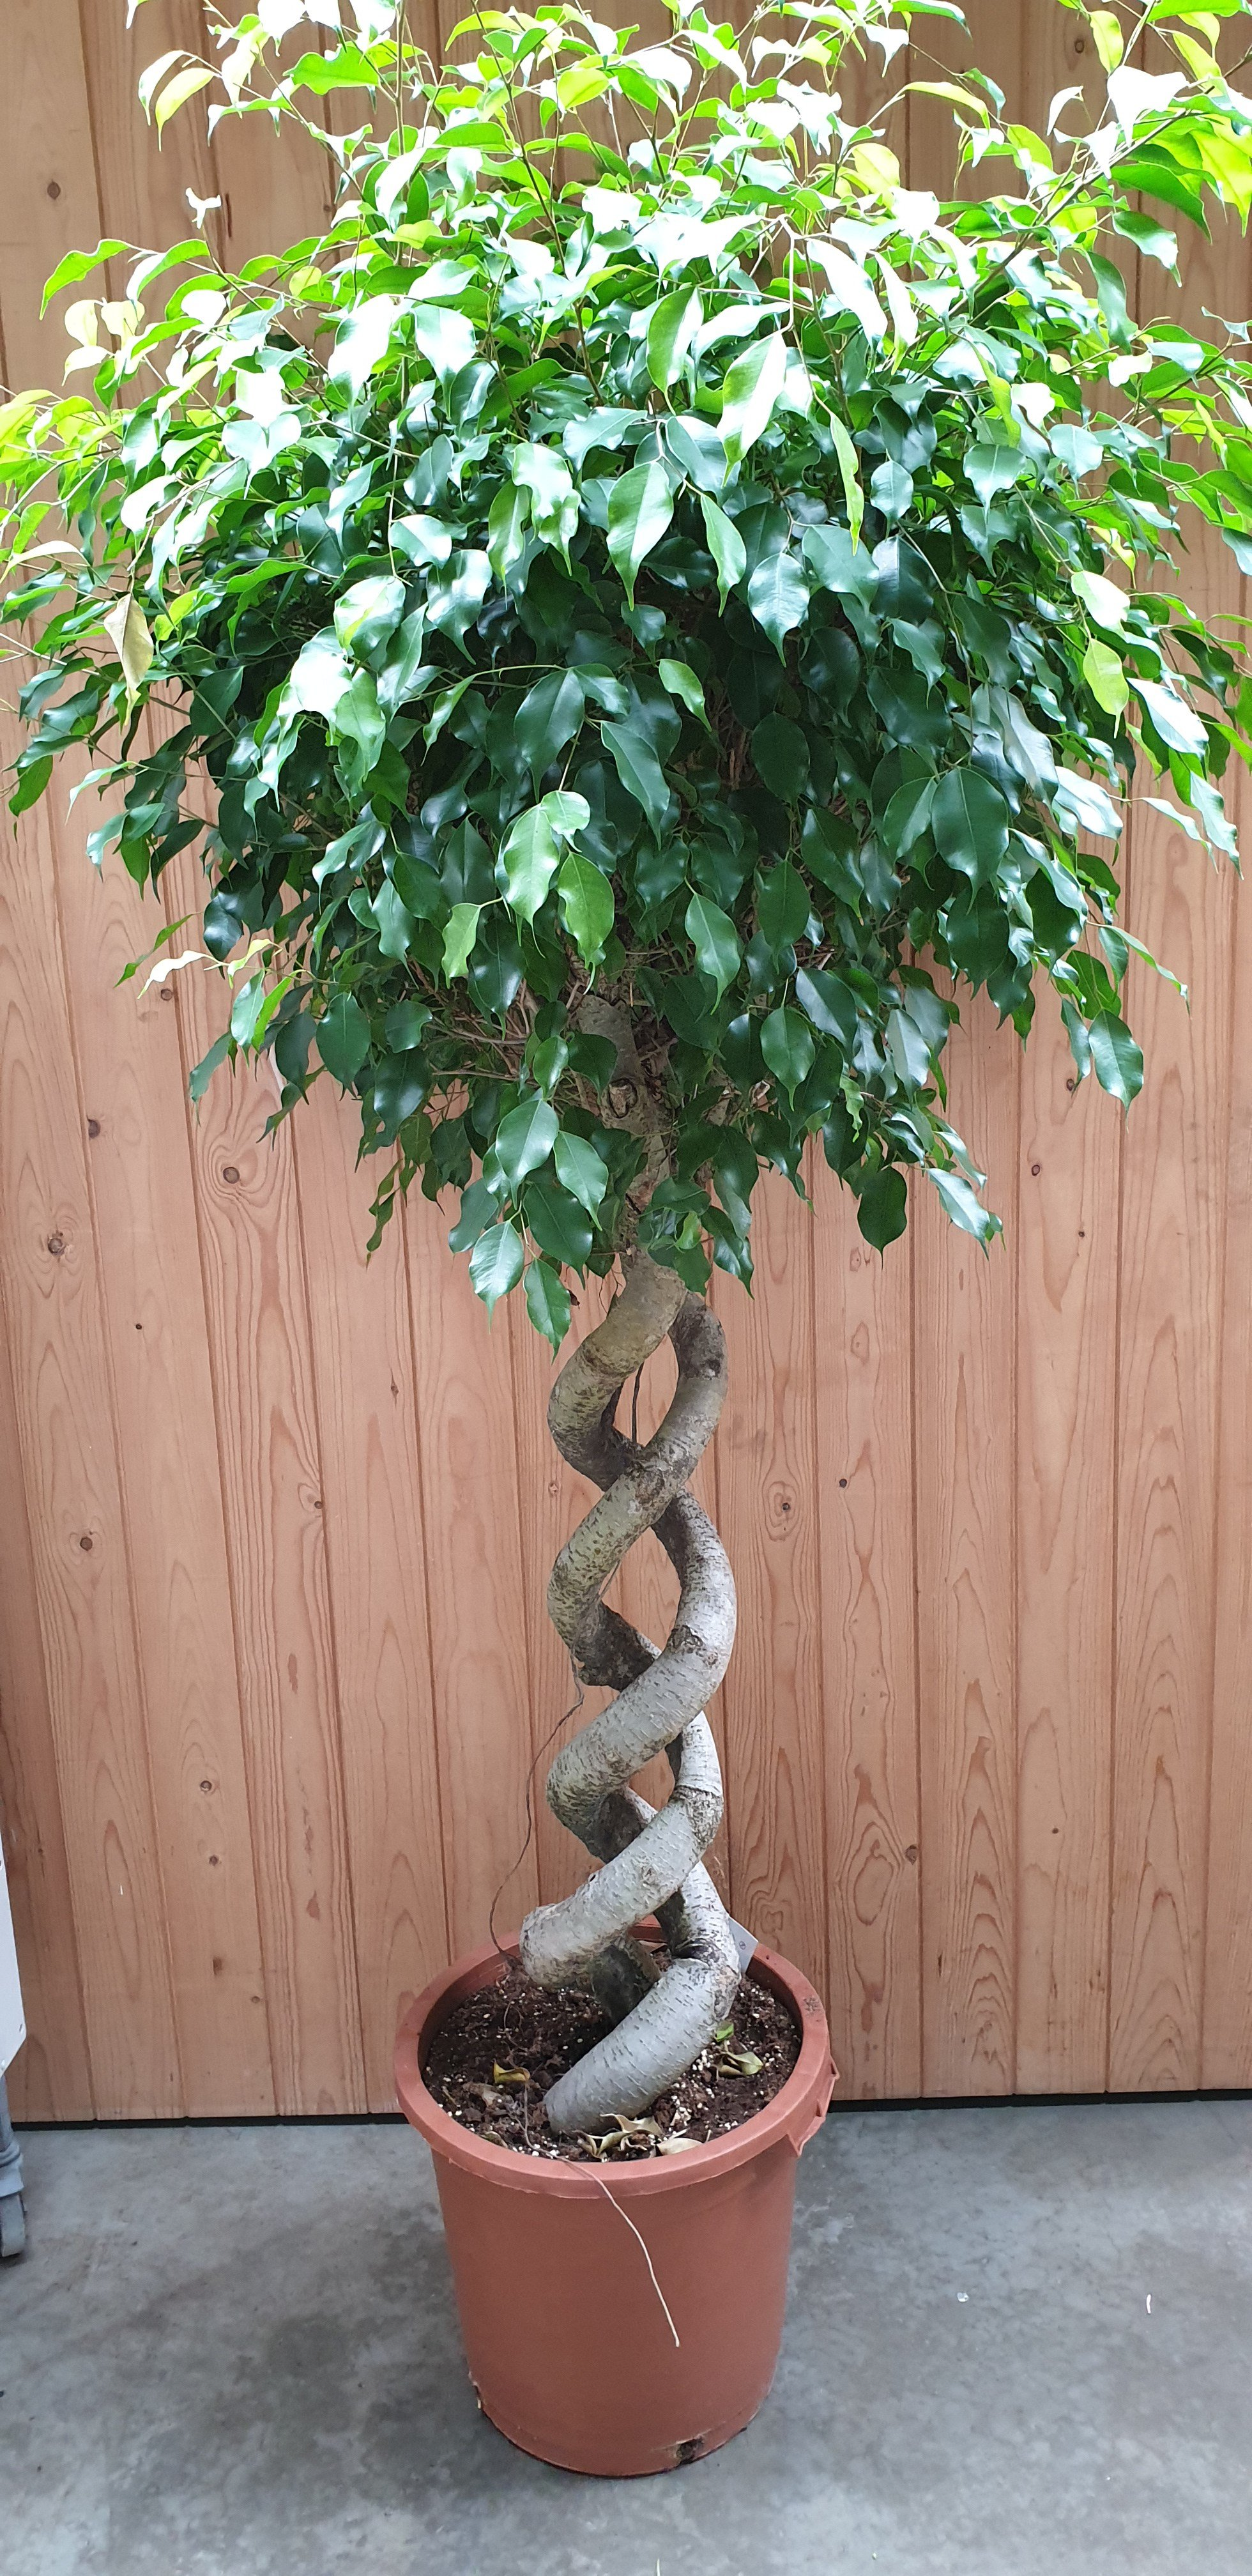 Ficus benjamina gedraaide stam